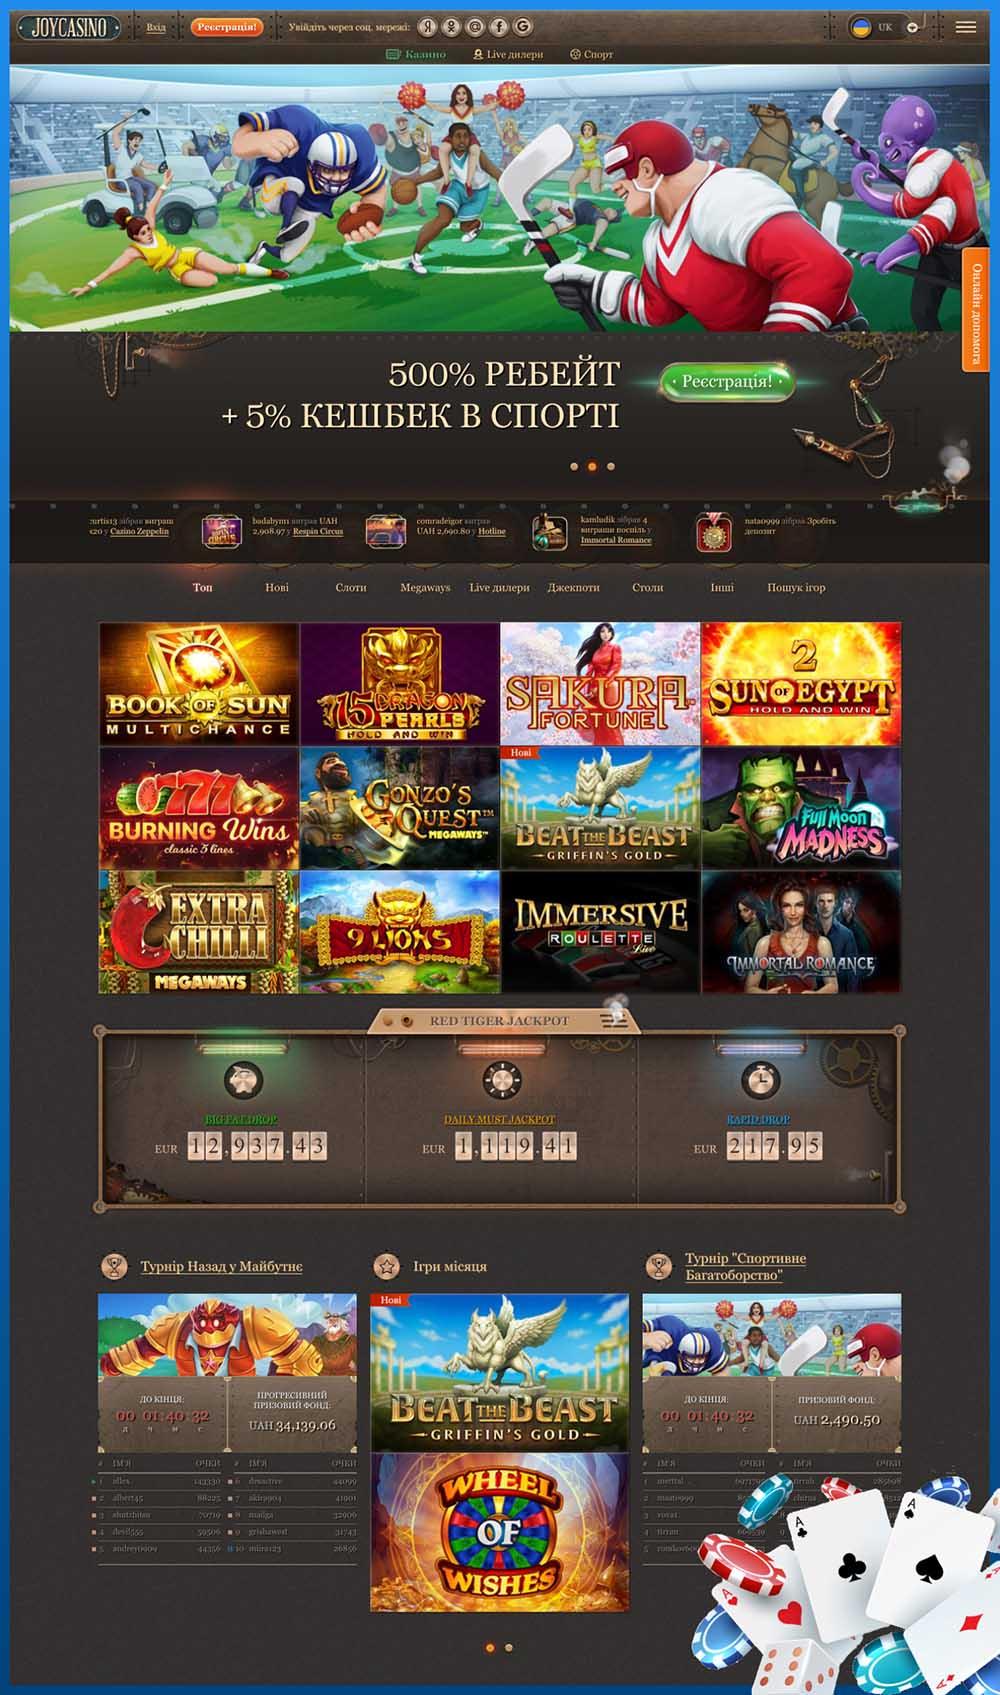 Сайт казино Джойказино